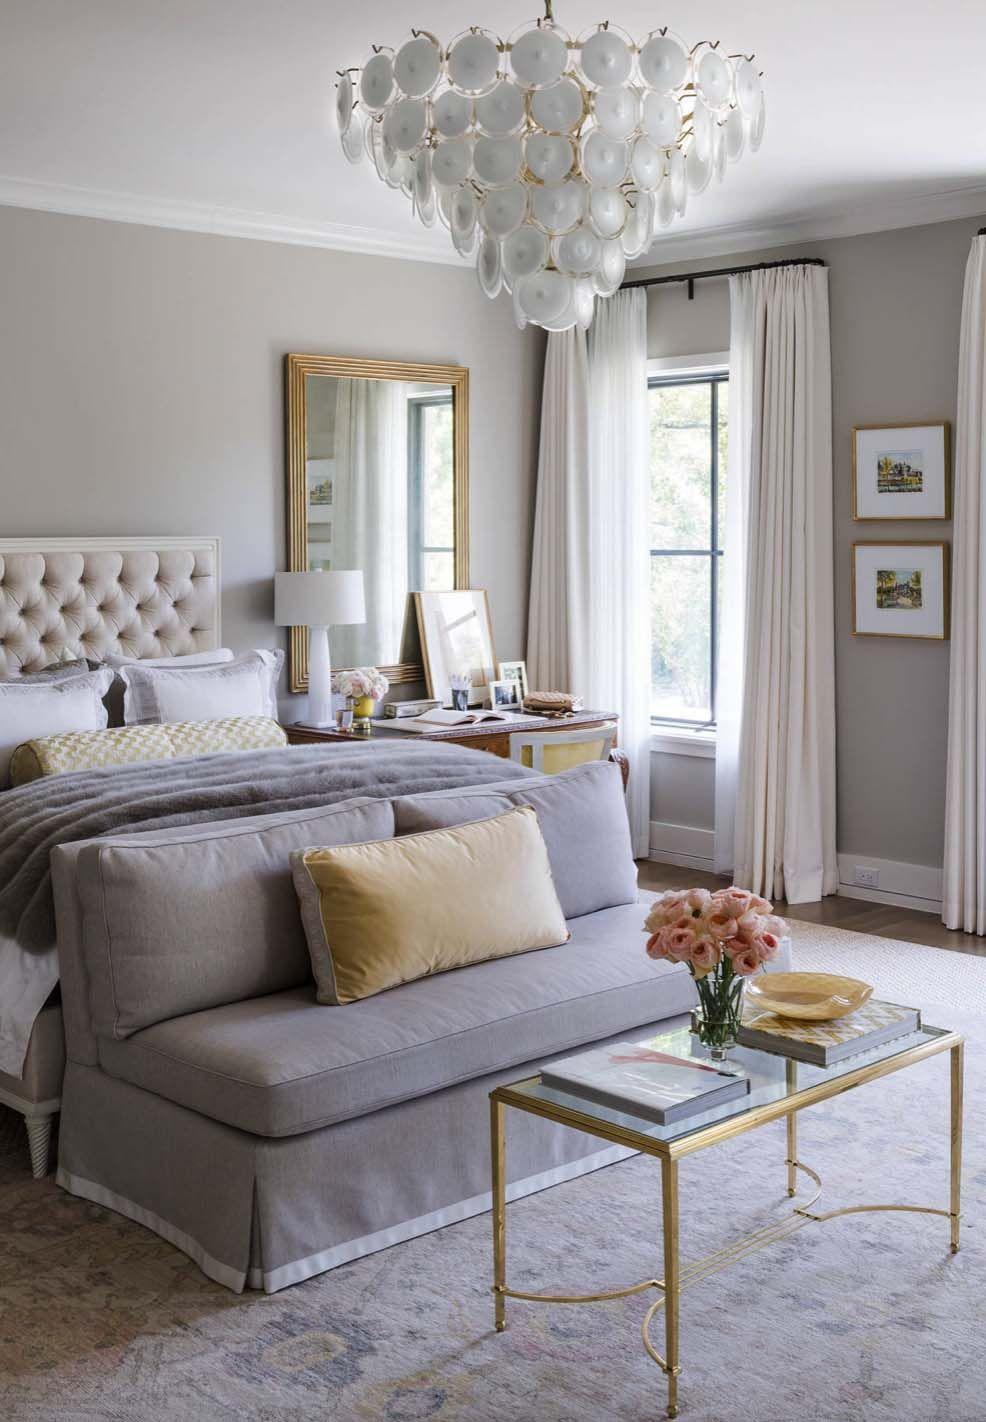 20 Serene And Elegant Master Bedroom Decorating Ideas Elegant Master Bedroom Yellow Bedroom Decor Transitional Bedroom Design